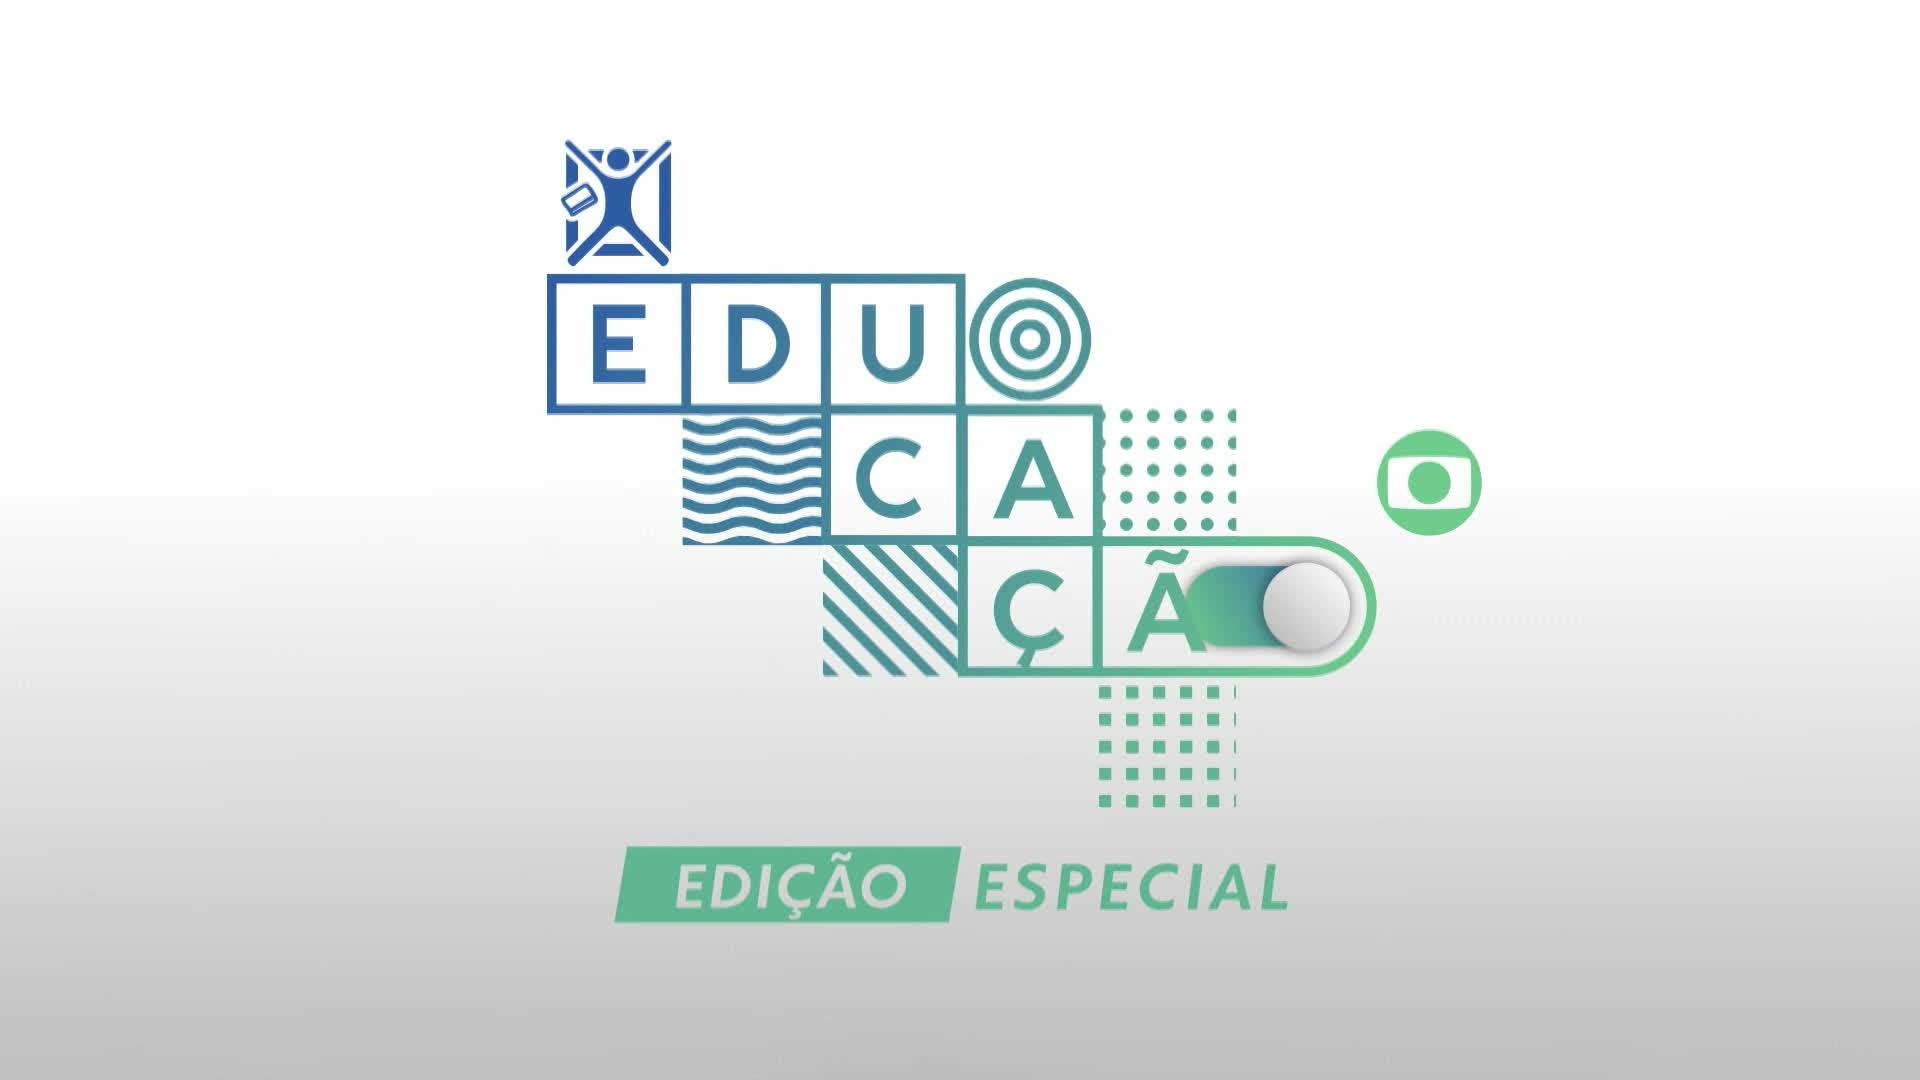 Aulão do Projeto Educação: reveja dicas dos professores sobre ciências humanas e matemática